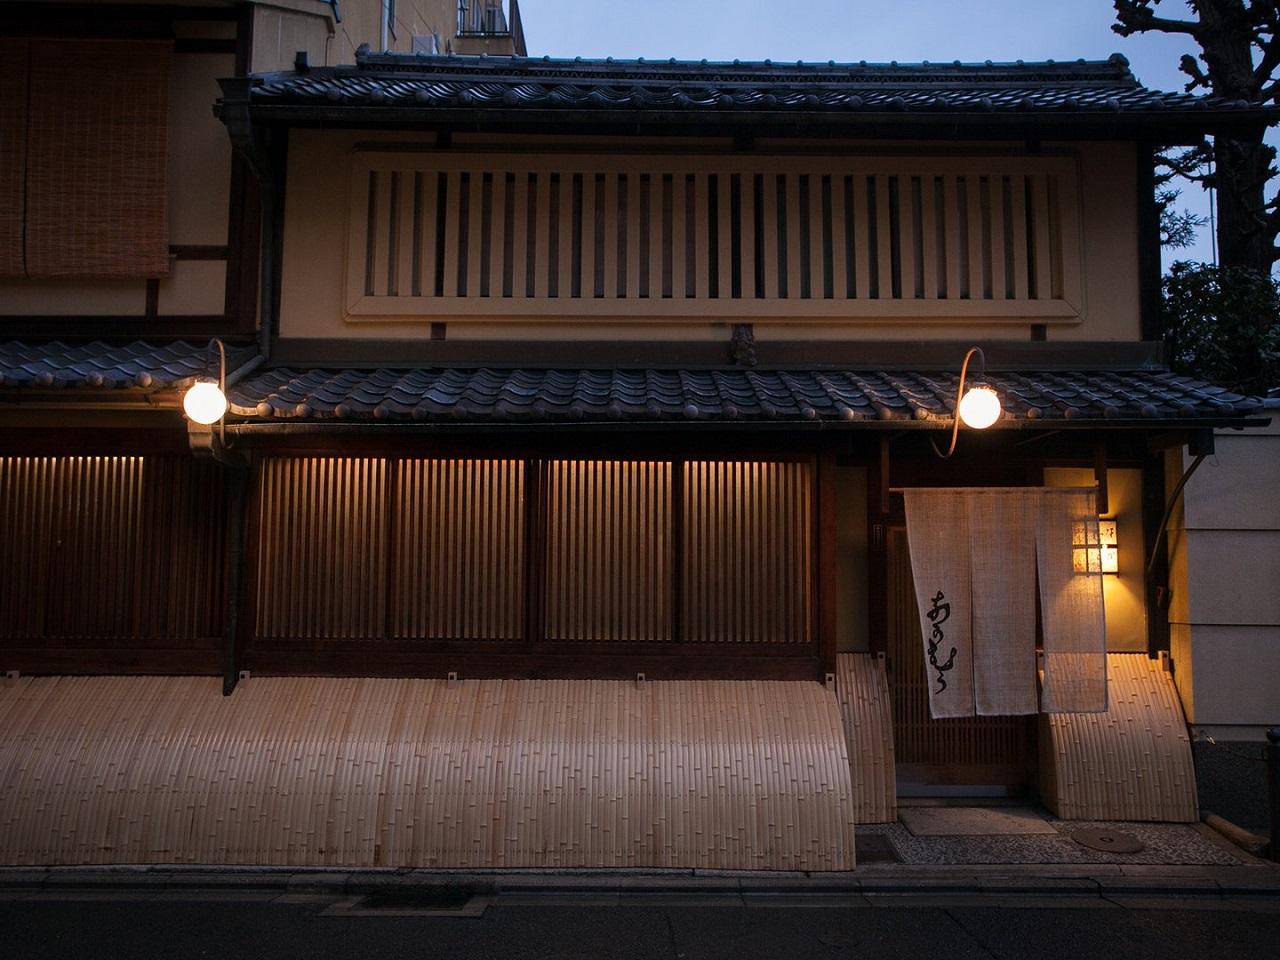 ร้าน มิชลิน 3 ดาว ใน เกียวโต : Isshisoden Nakamura